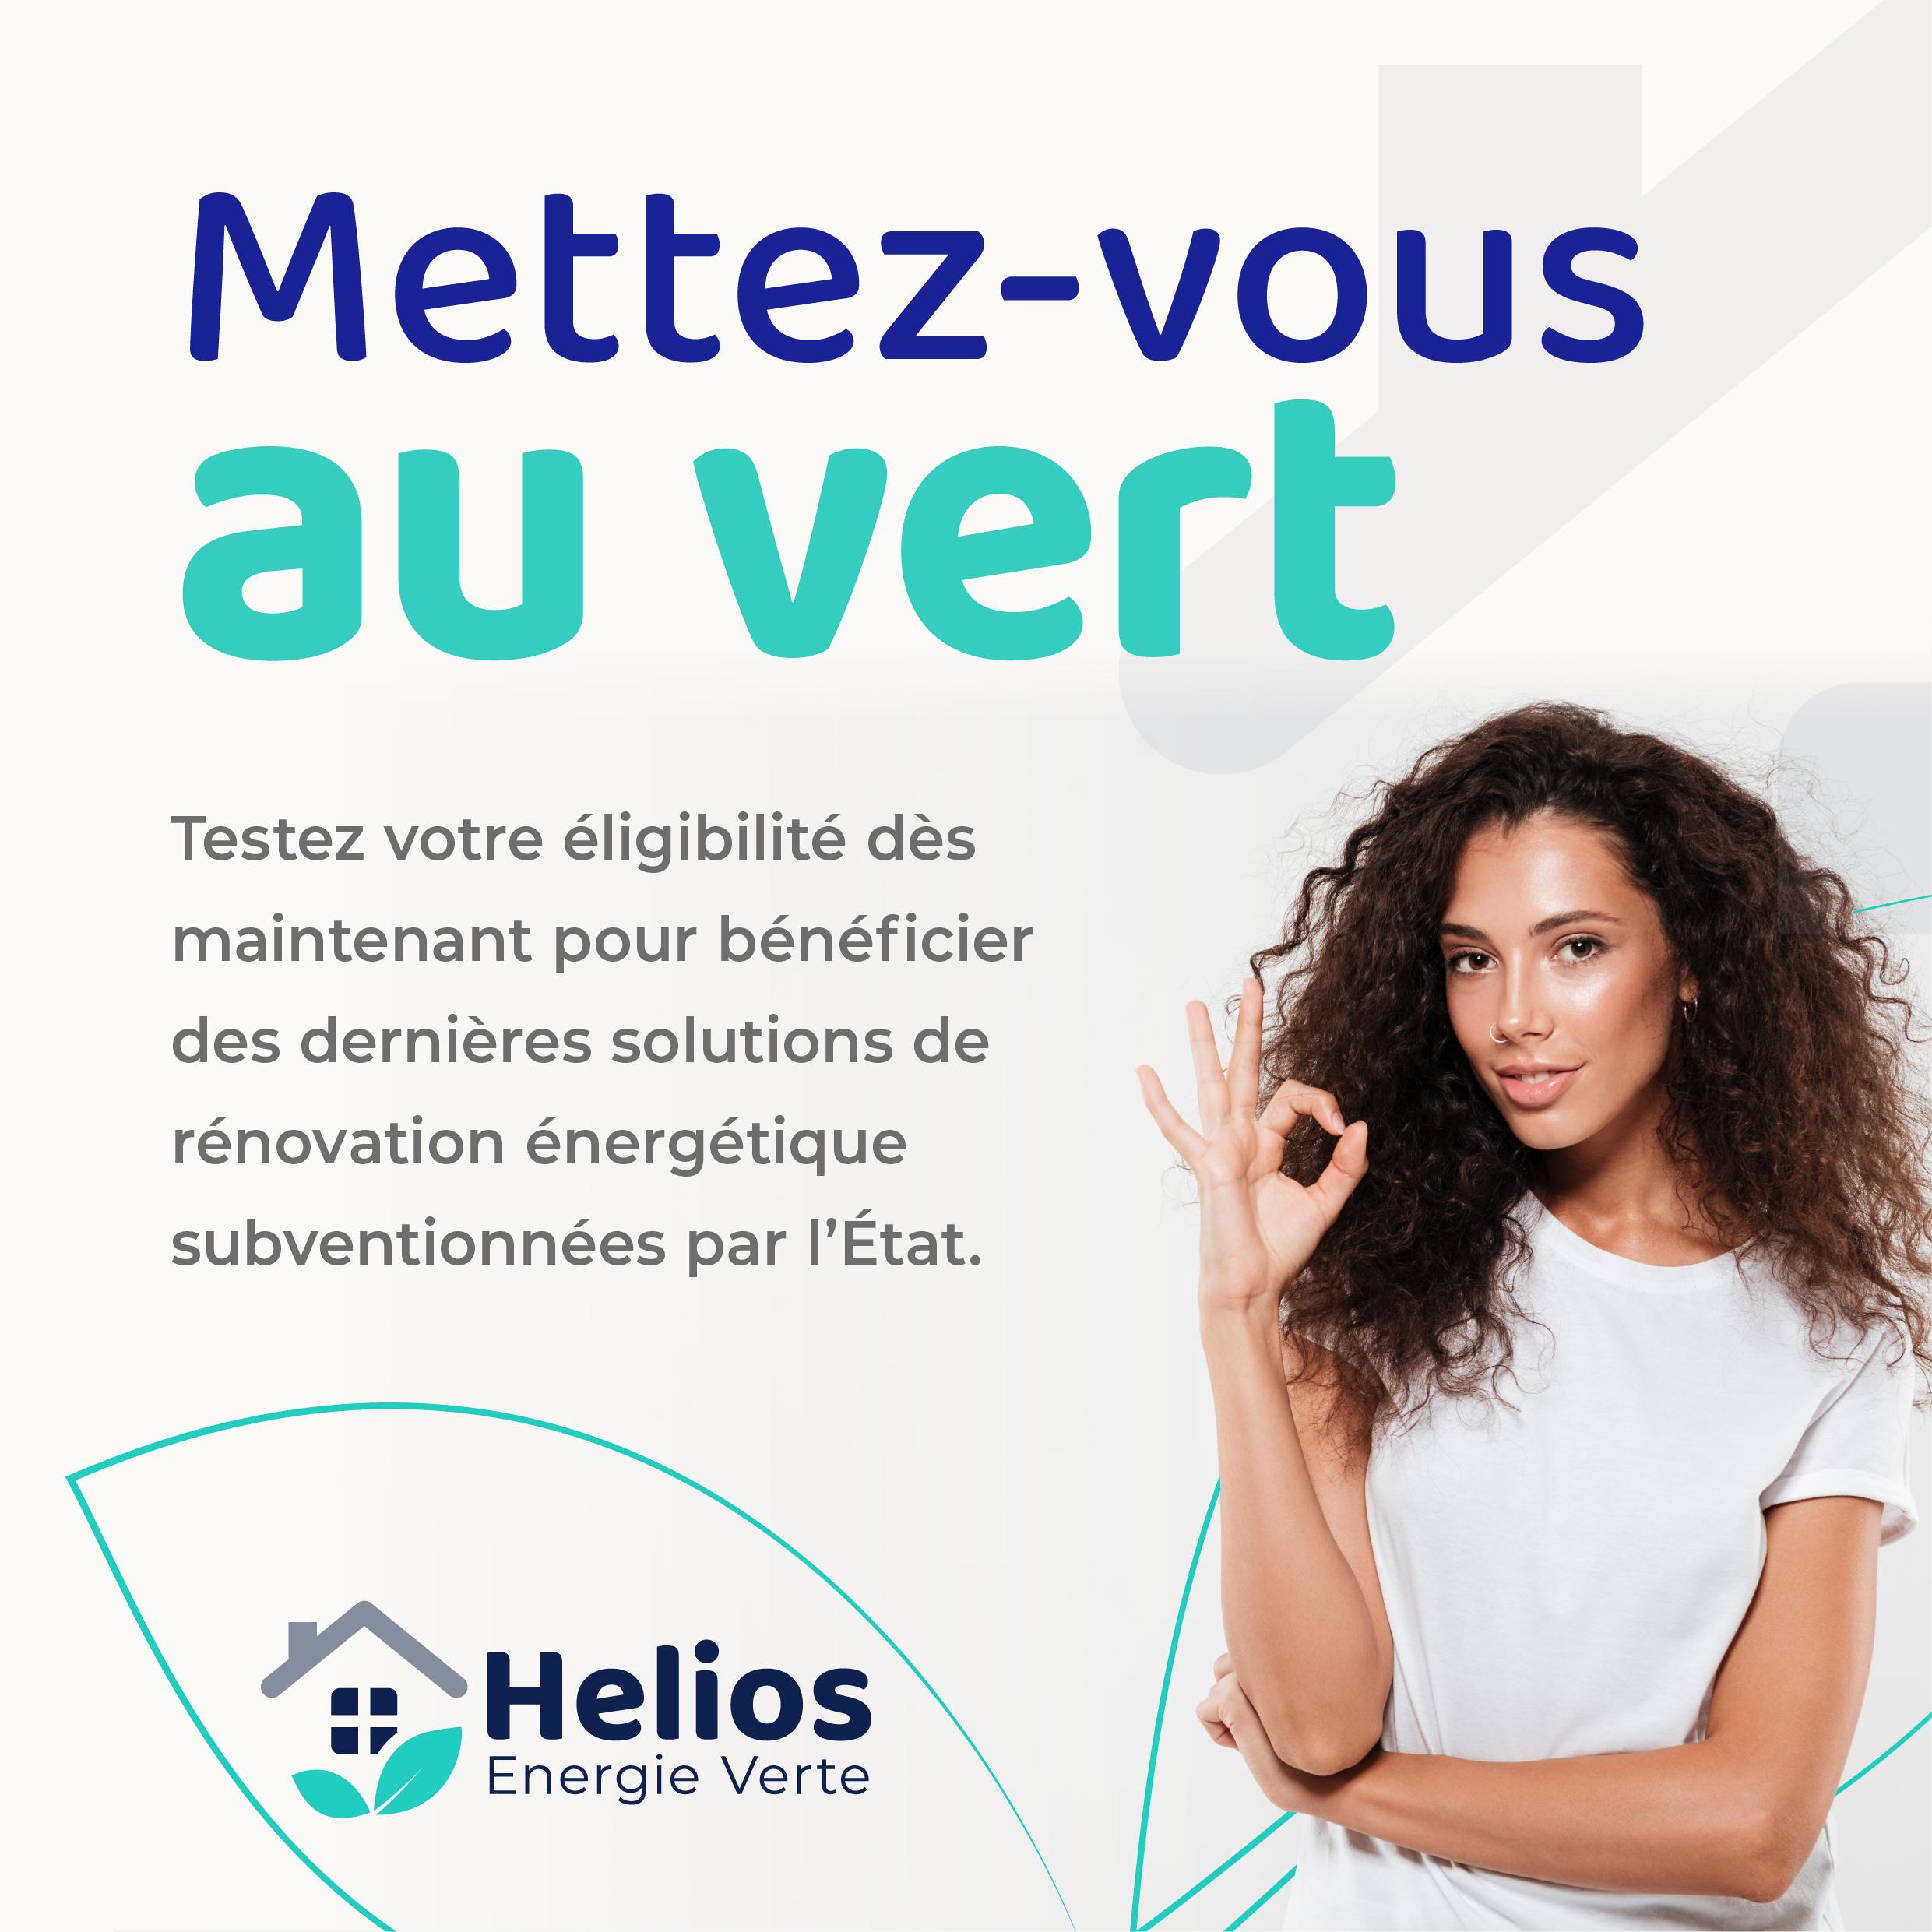 helios-energie-verte